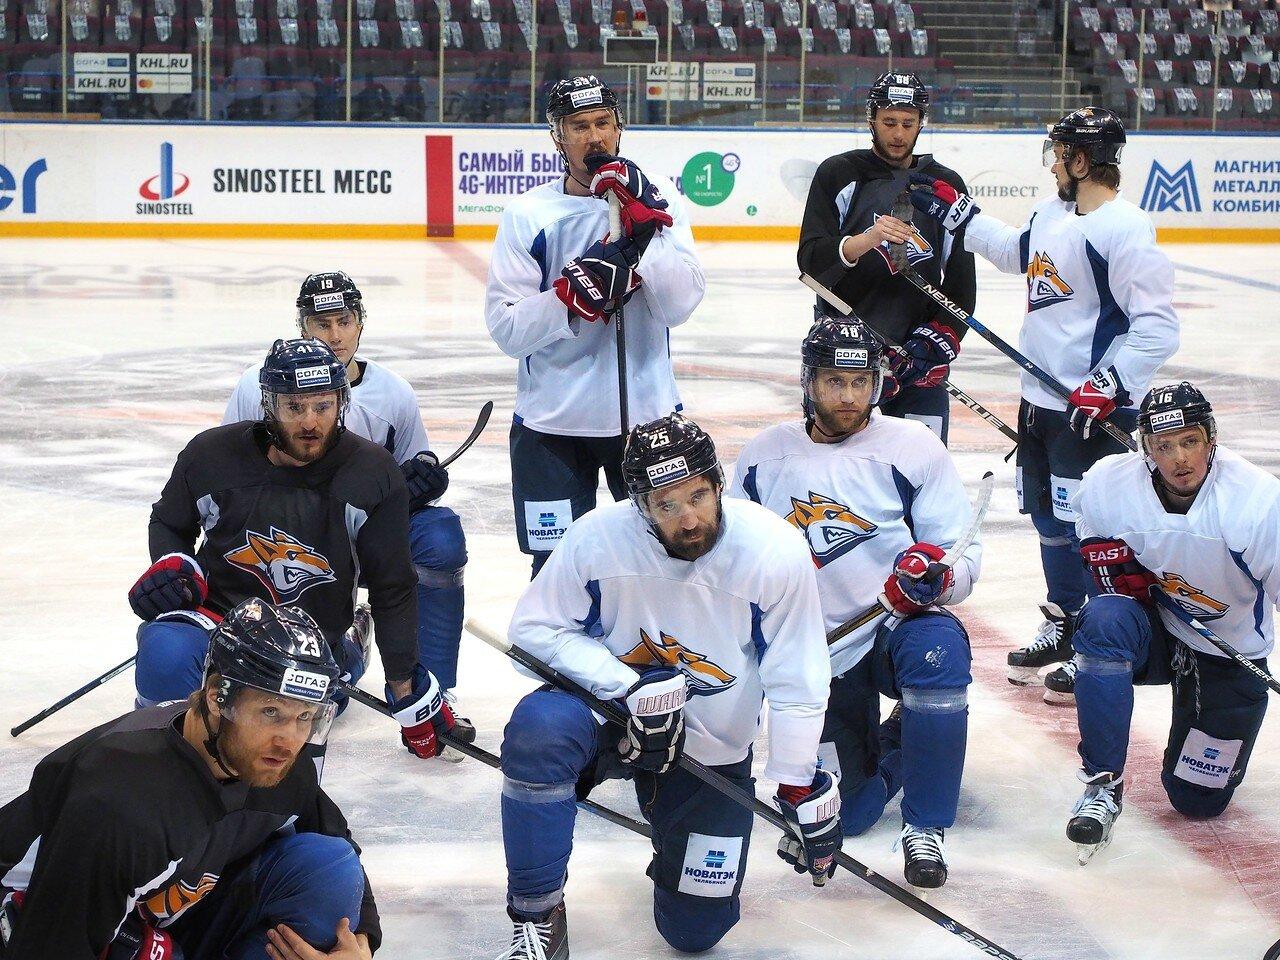 16 Открытая тренировка перед финалом плей-офф КХЛ 2017 06.04.2017